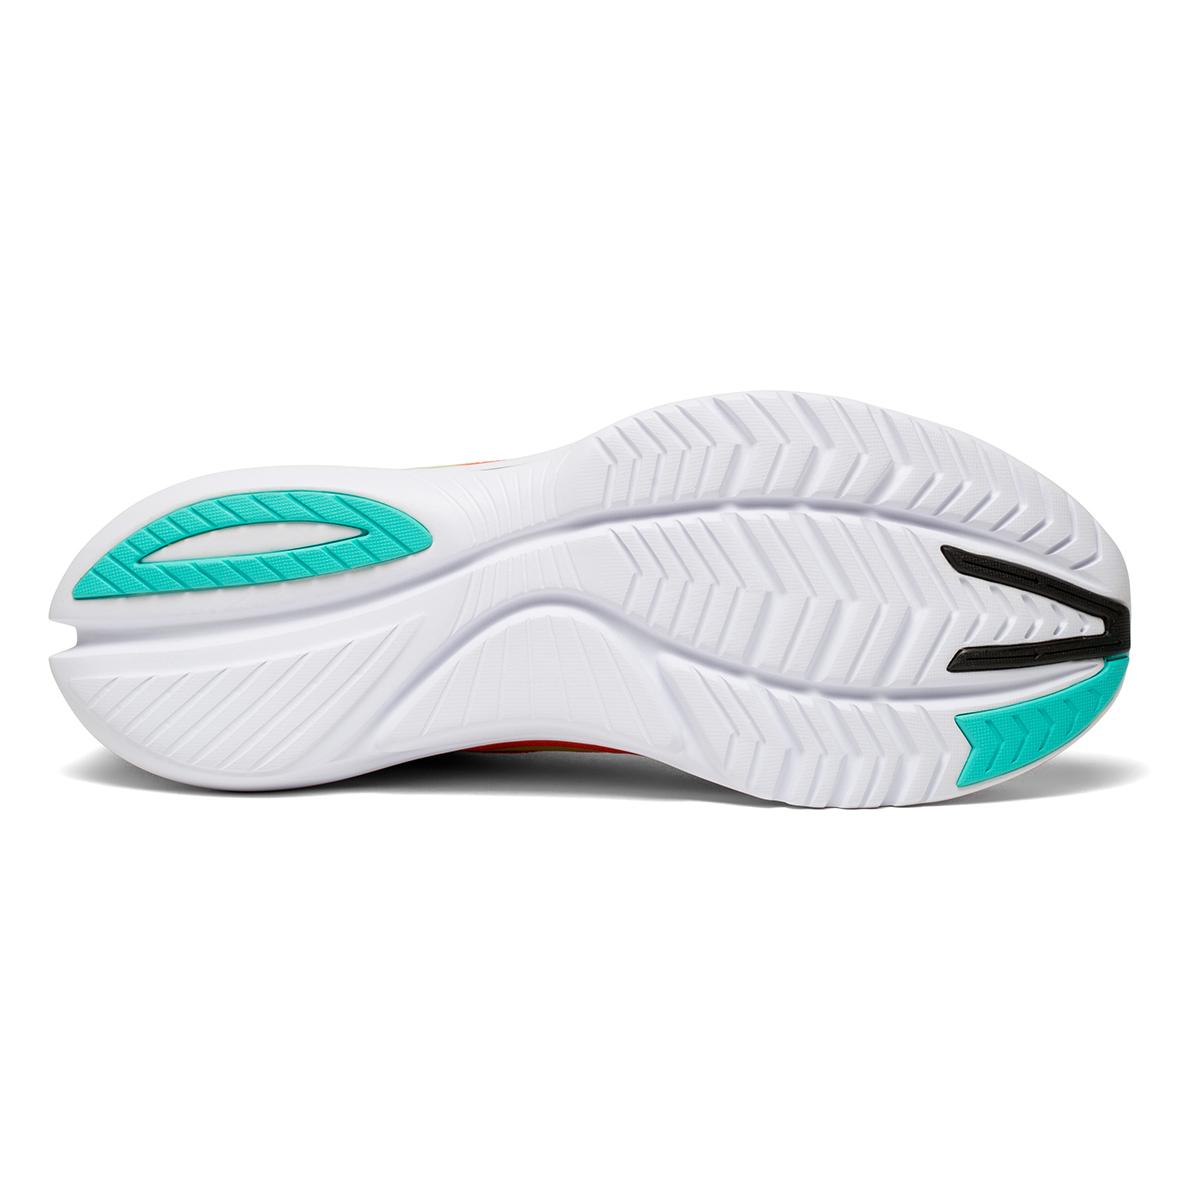 Men's Saucony Kinvara 12 Running Shoe - Color: Vizi/Scarlet - Size: 7 - Width: Regular, Vizi/Scarlet, large, image 5